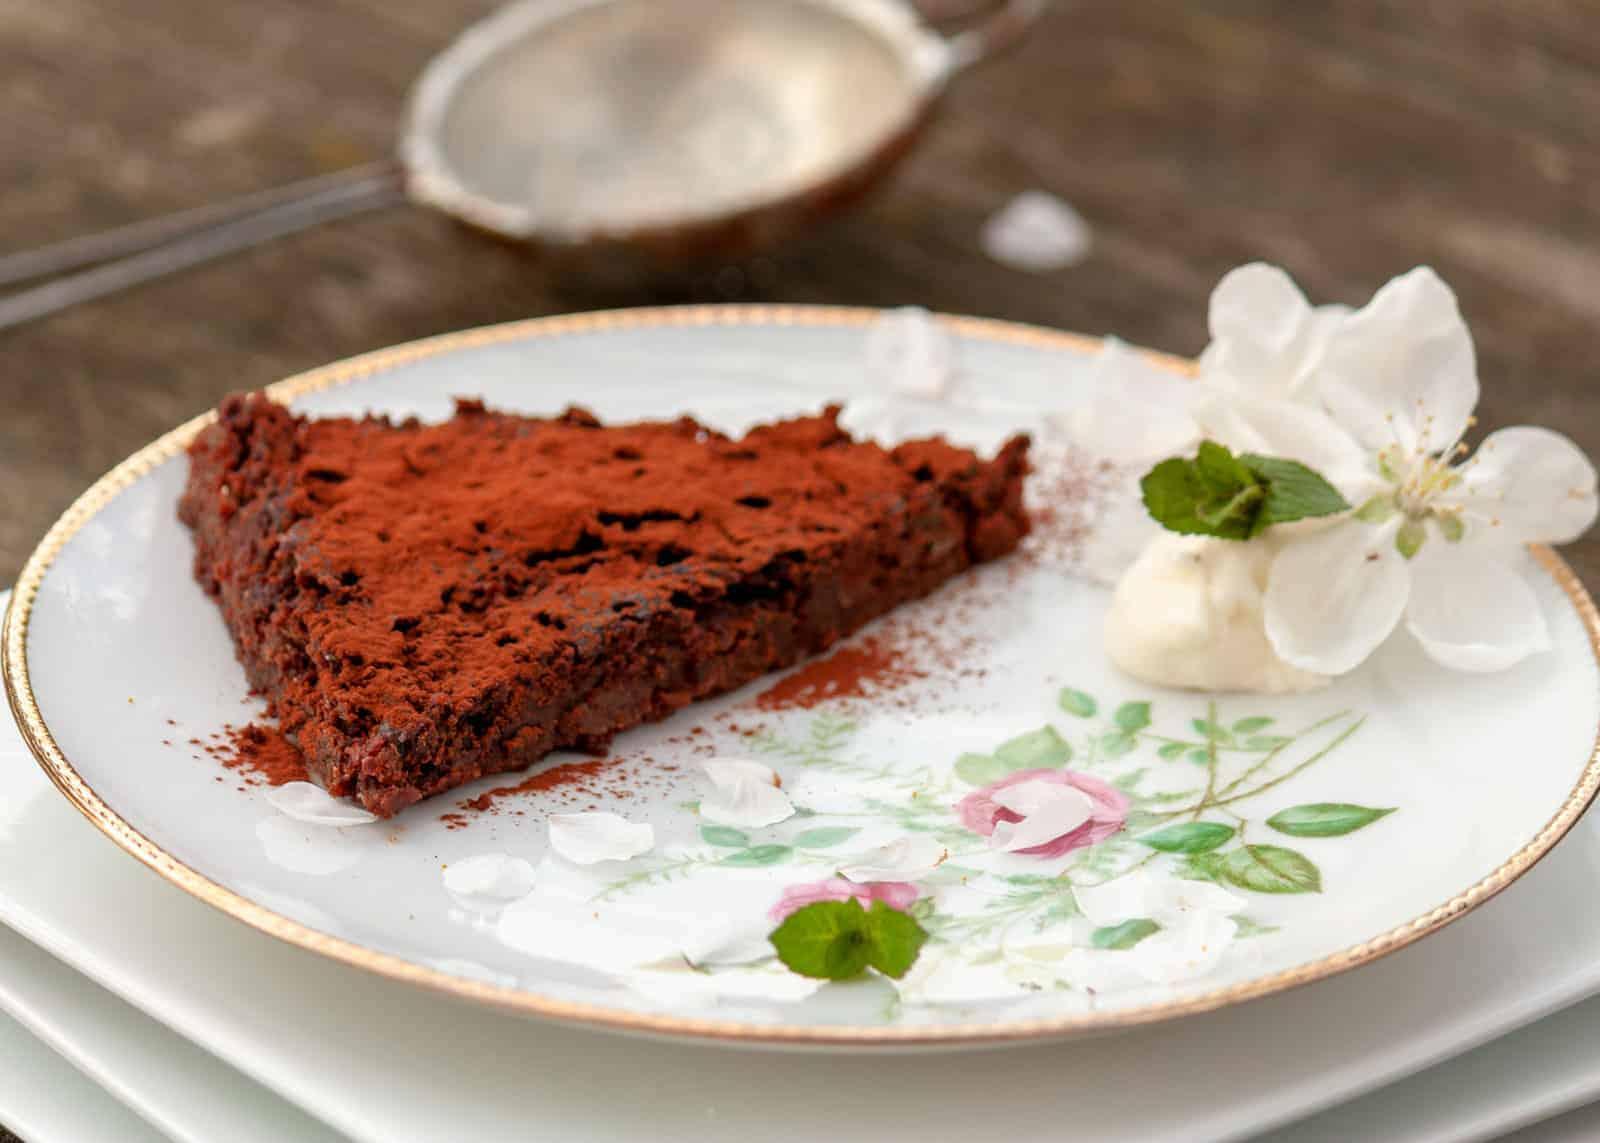 Zartschmelzende Schokolade - Kuchen -Rezept